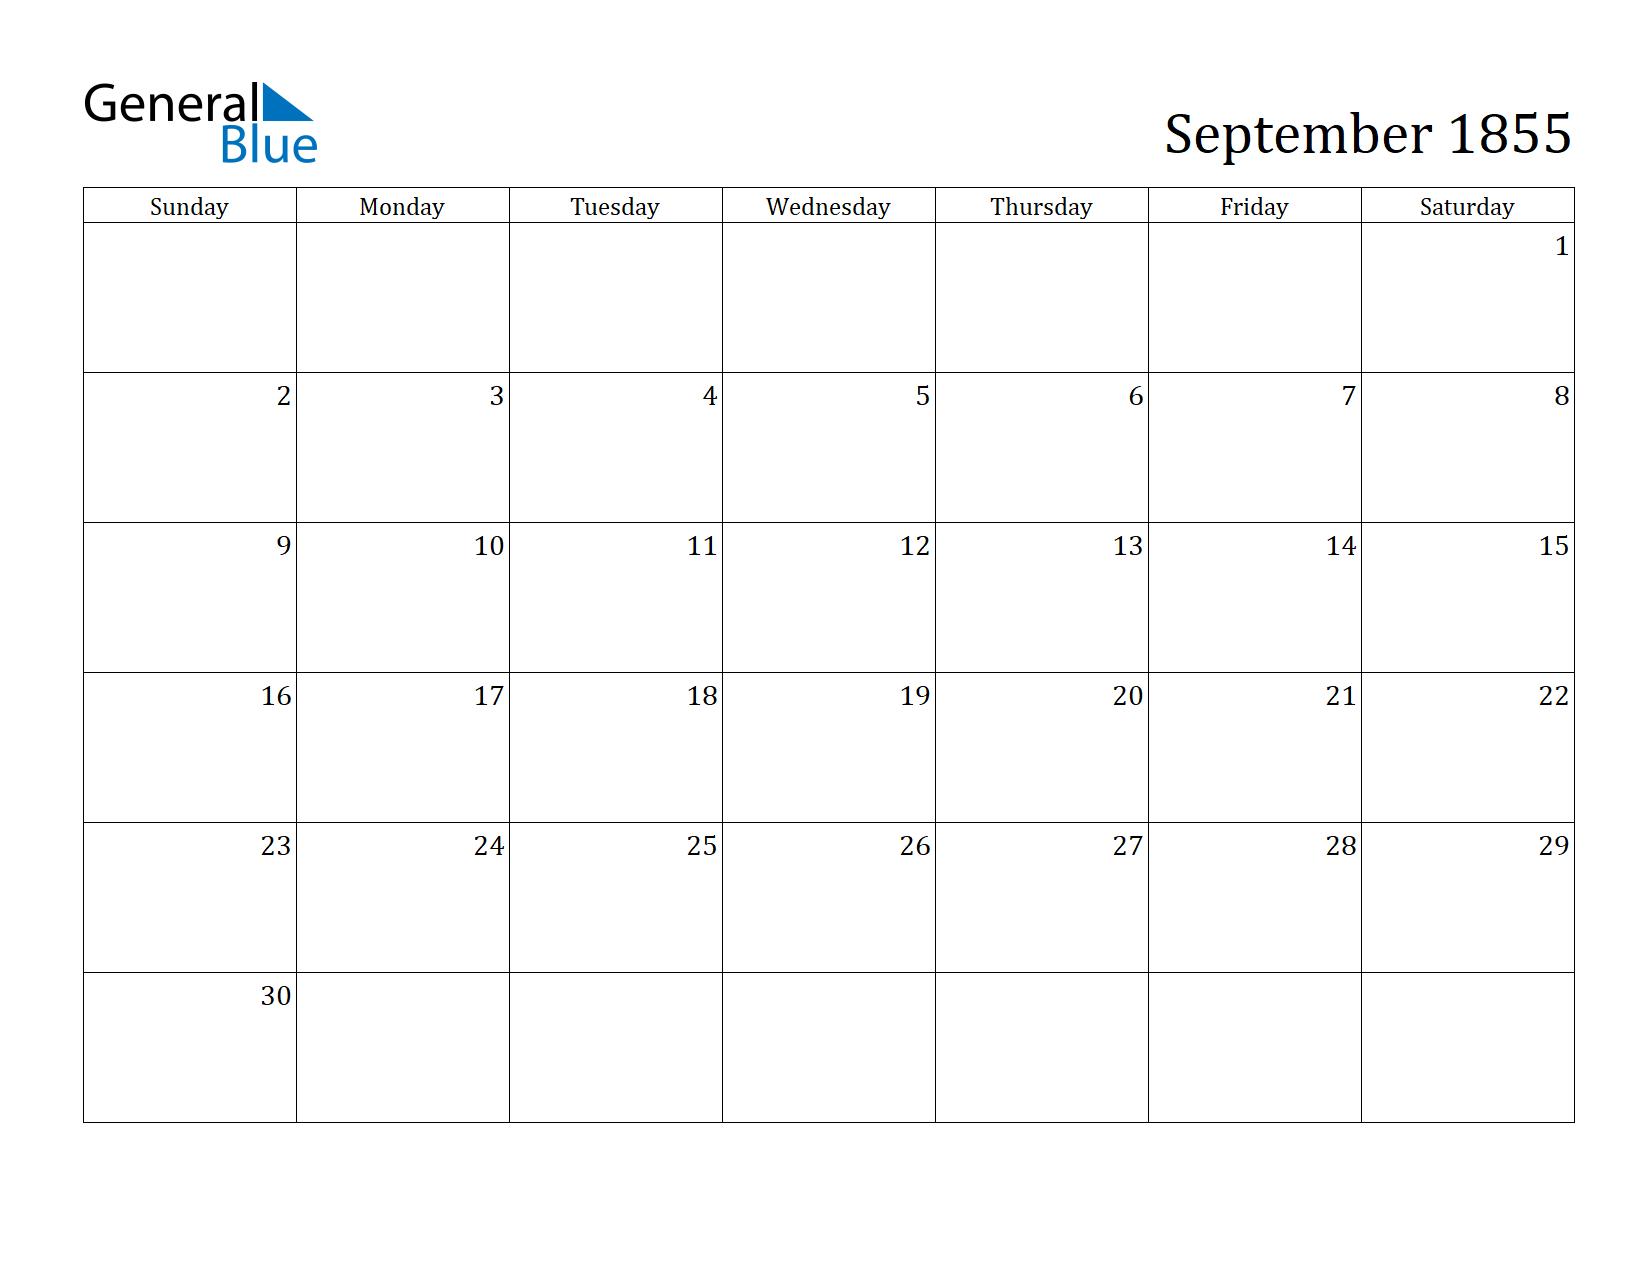 Image of September 1855 Calendar